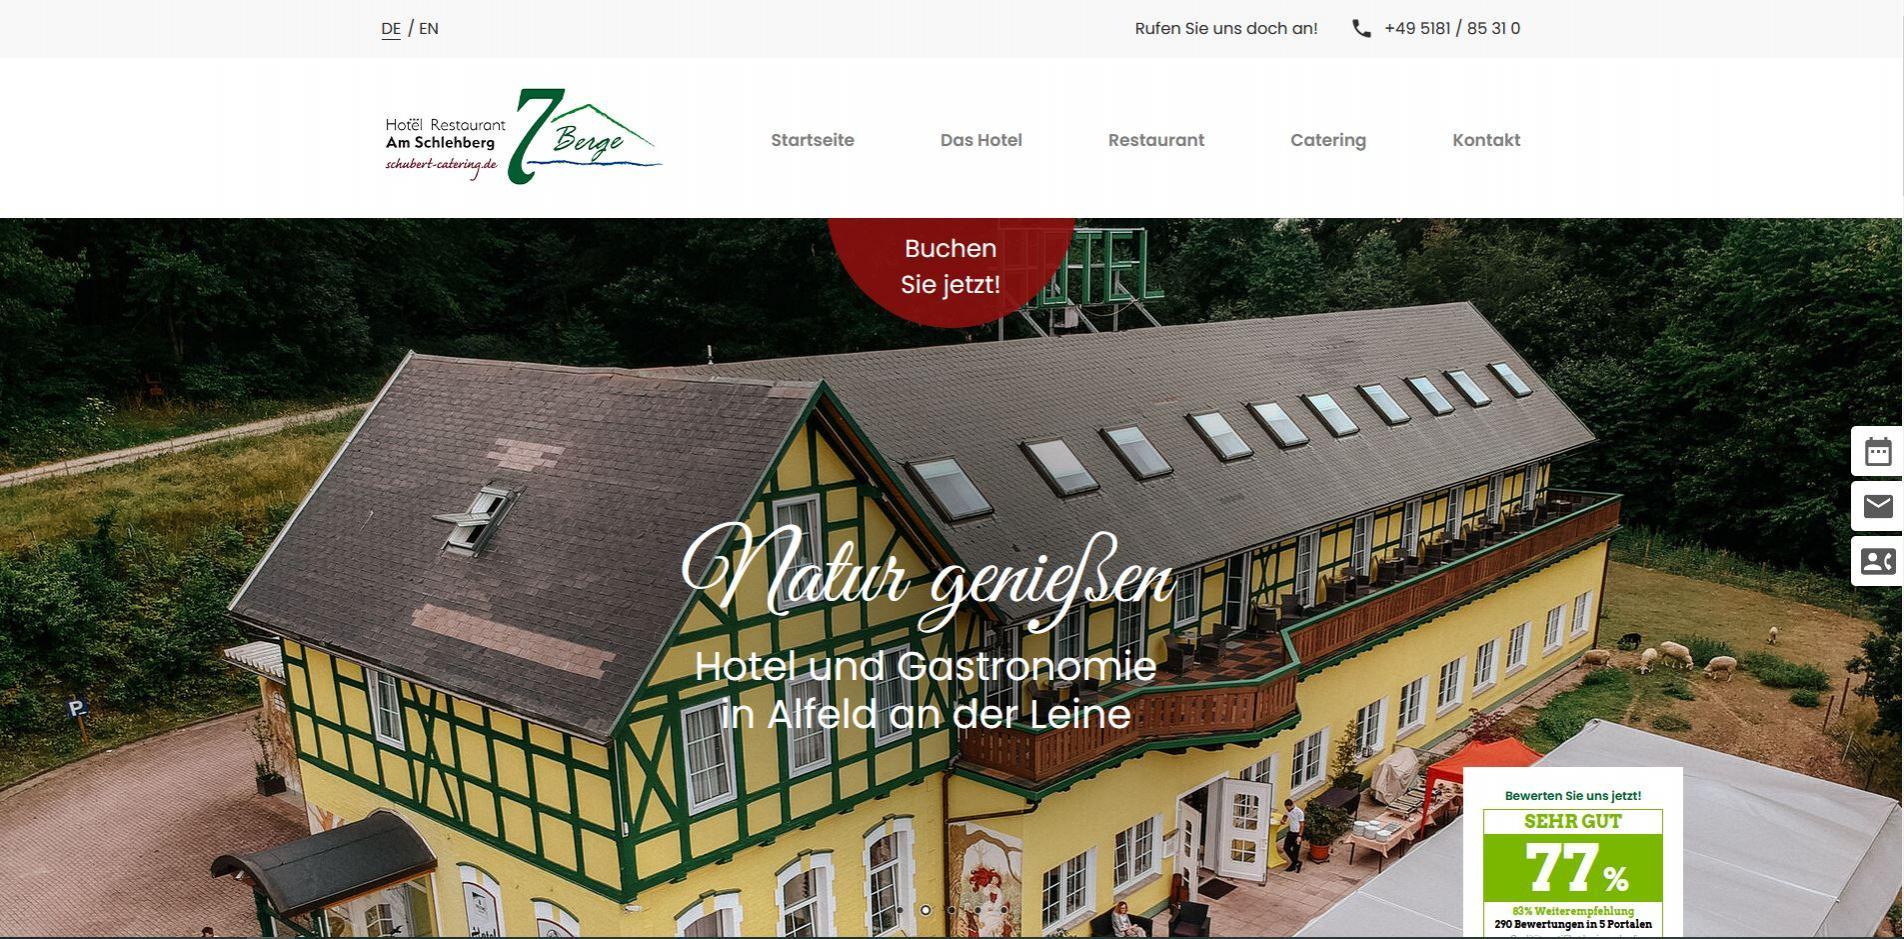 Hotel Schlehberg